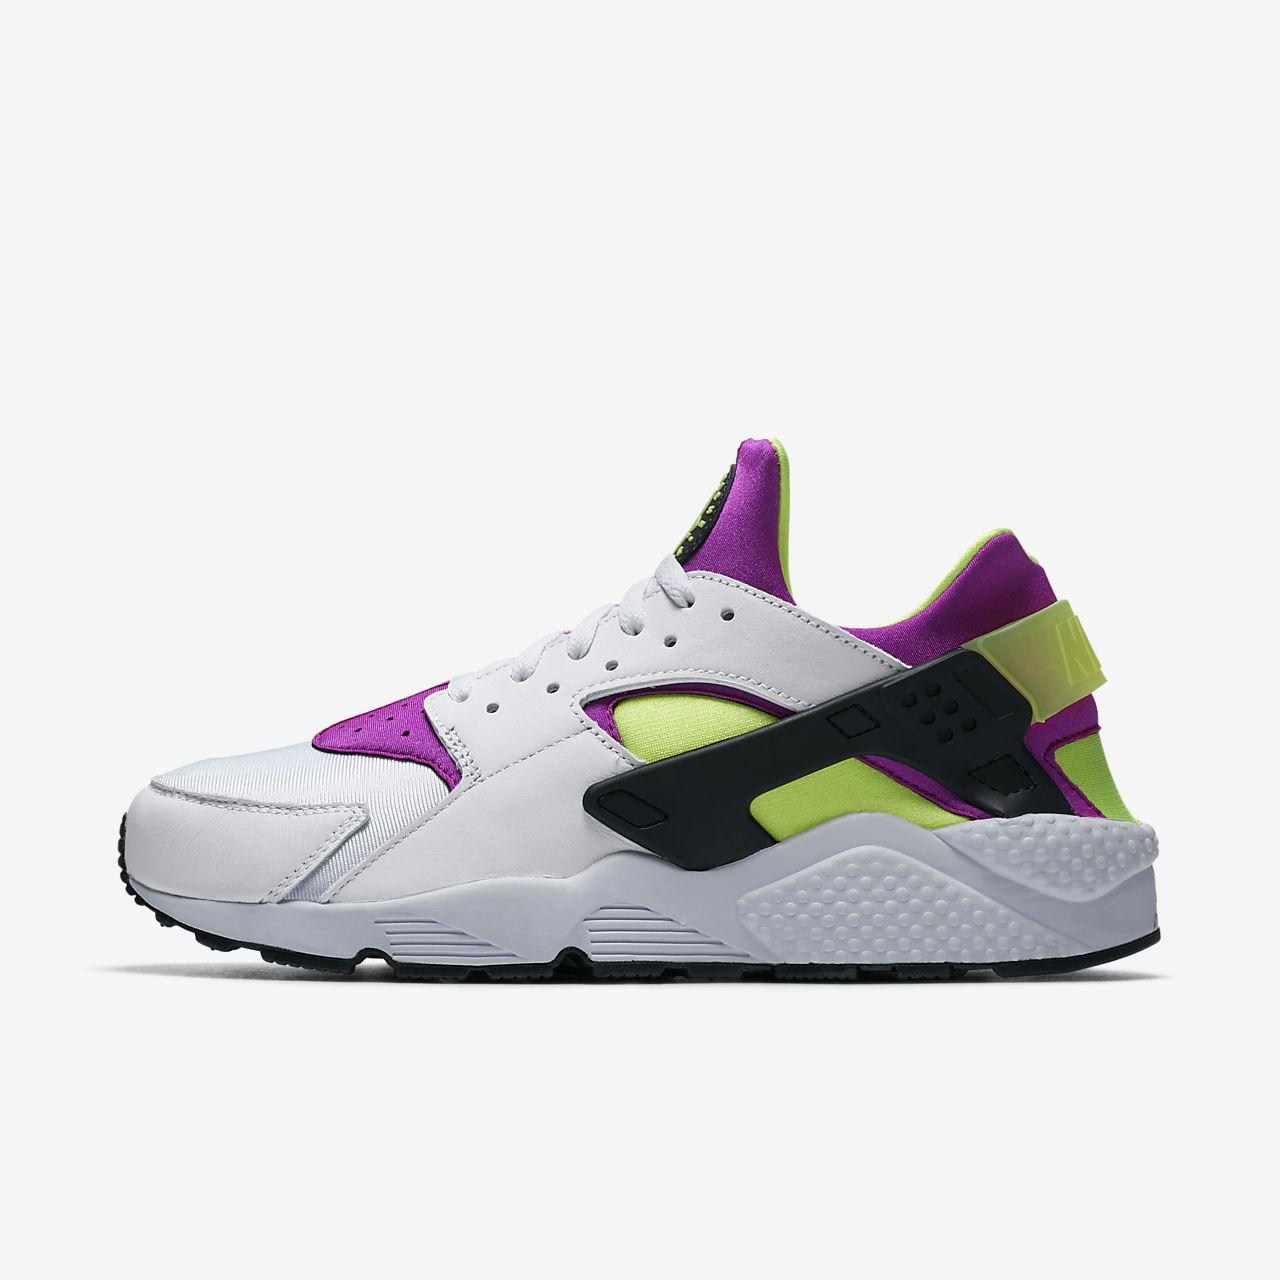 bdf0020fa96ad Calzado para hombre Nike Air Huarache  91 QS. Nike.com MX